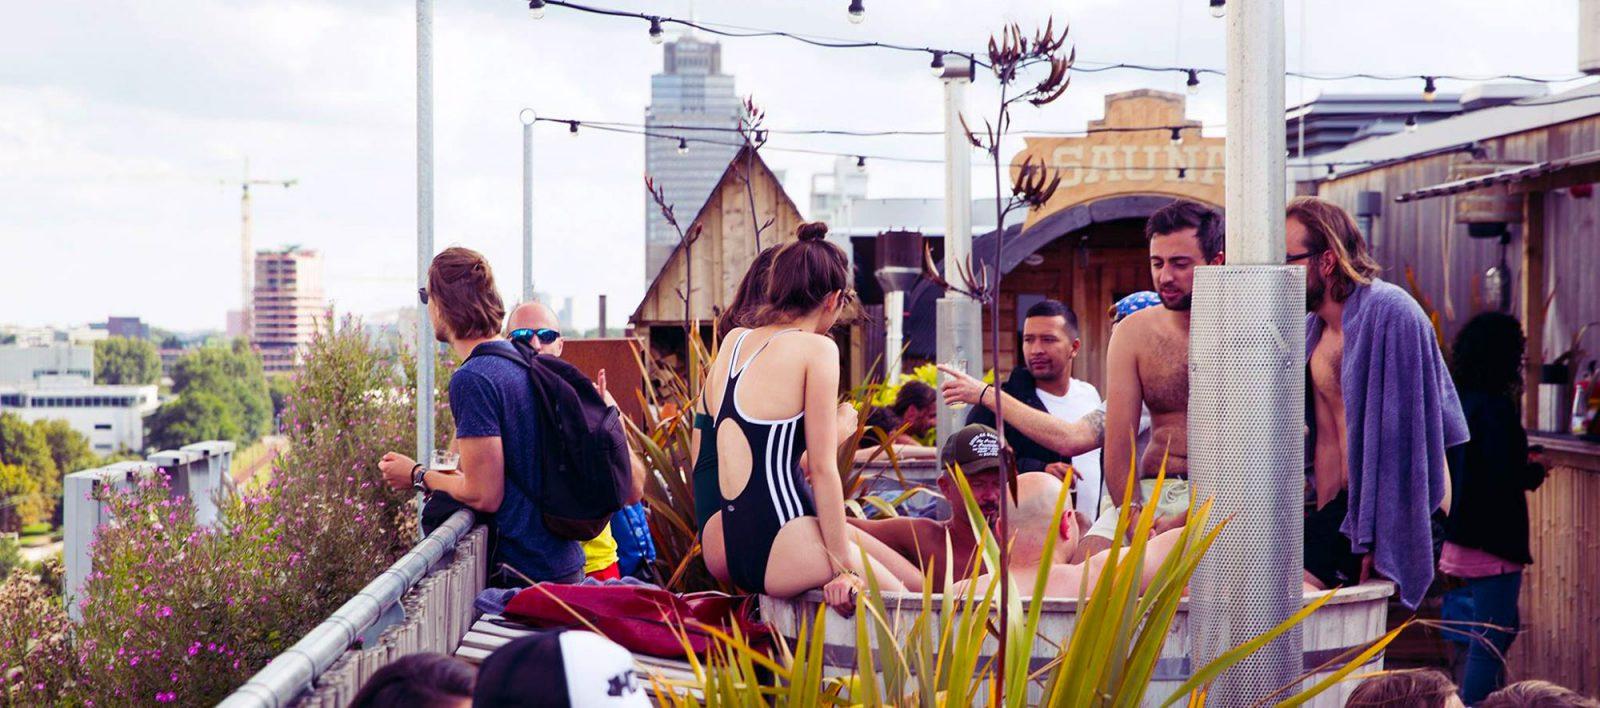 ROEF Rooftop Festival Amsterdam Volkshotel